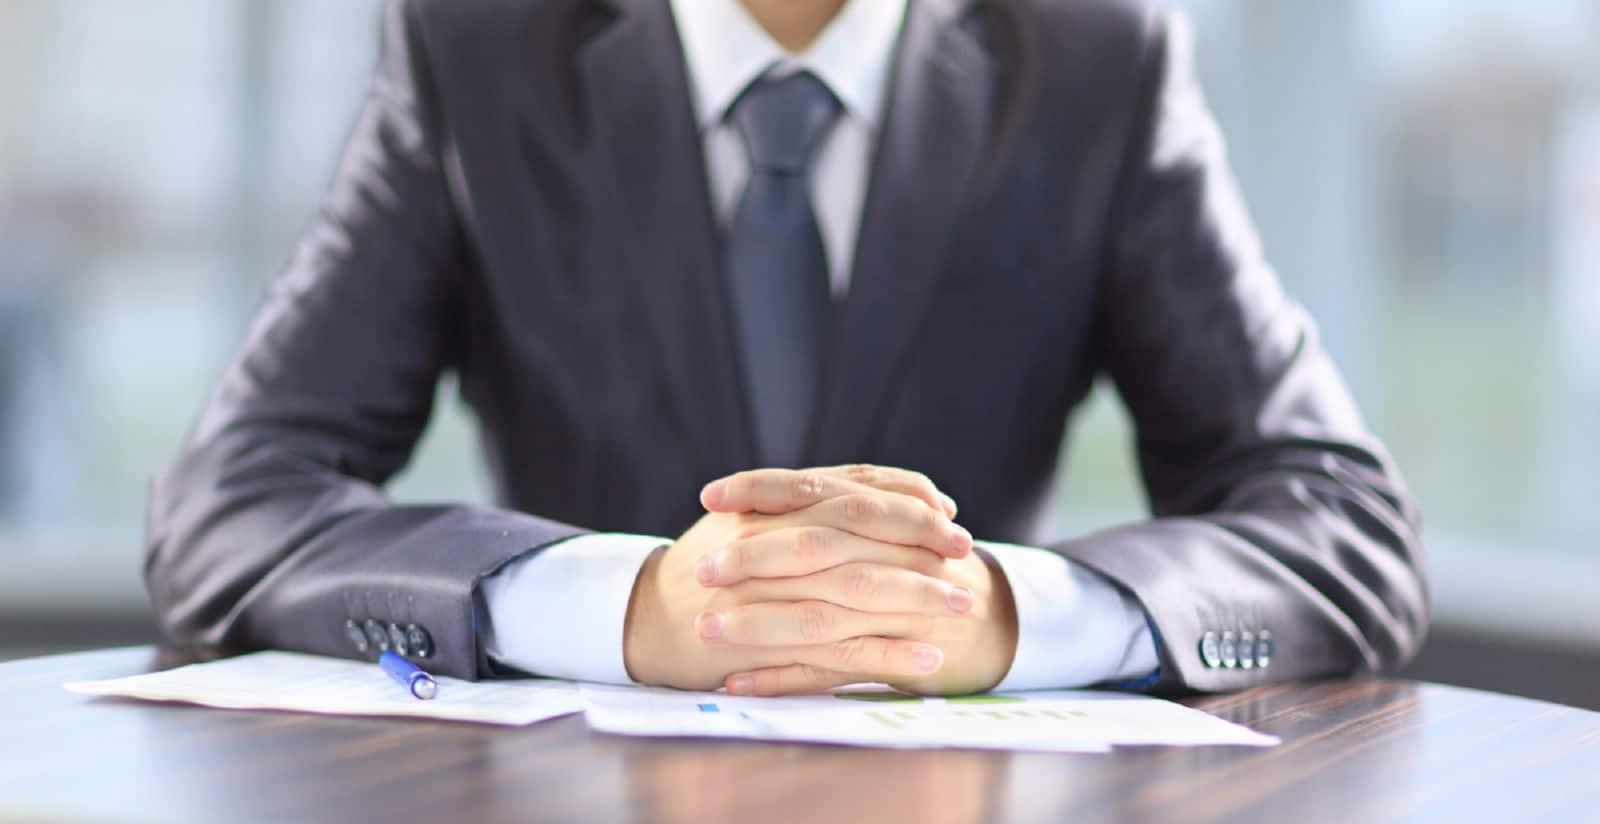 Порядок купли-продажи земельного участка в 2019 году, договор купли продажи земельного участка, особенности оформления, список необходимых документов